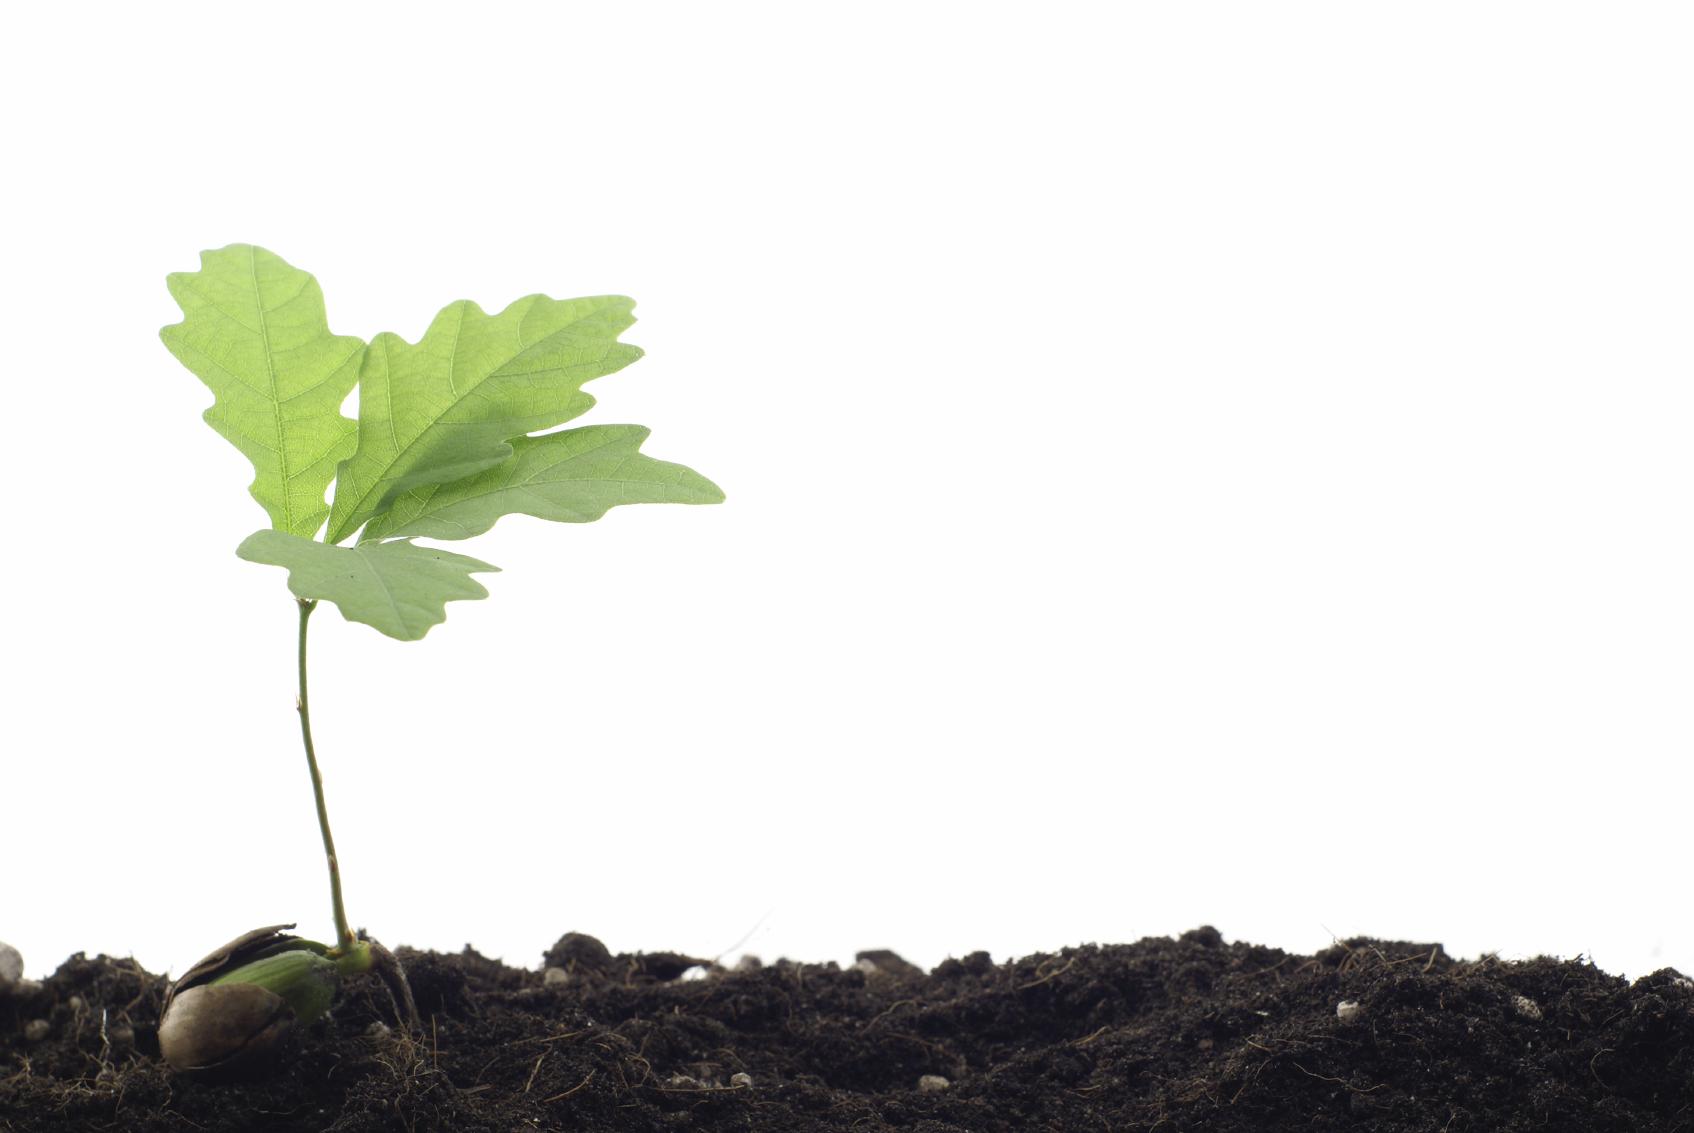 Cos'è il Biochar e perchè negli ultimi anni ci si sta puntando molto?